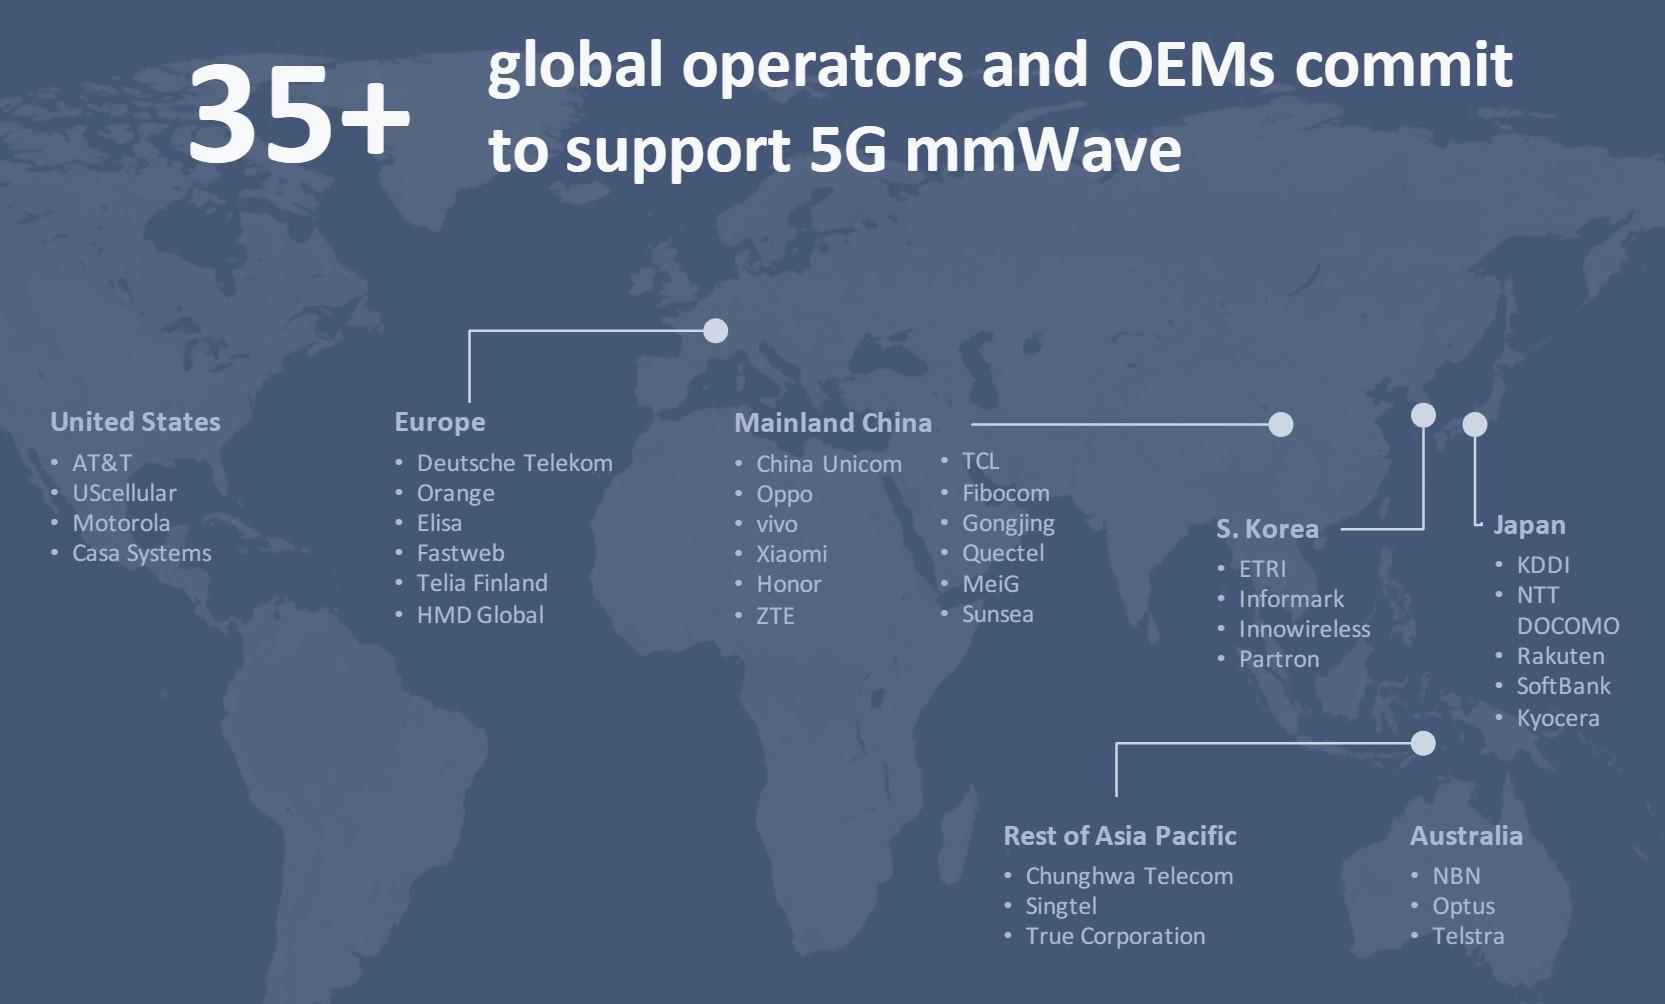 Qualcomm 5G met à jour les opérateurs mondiaux